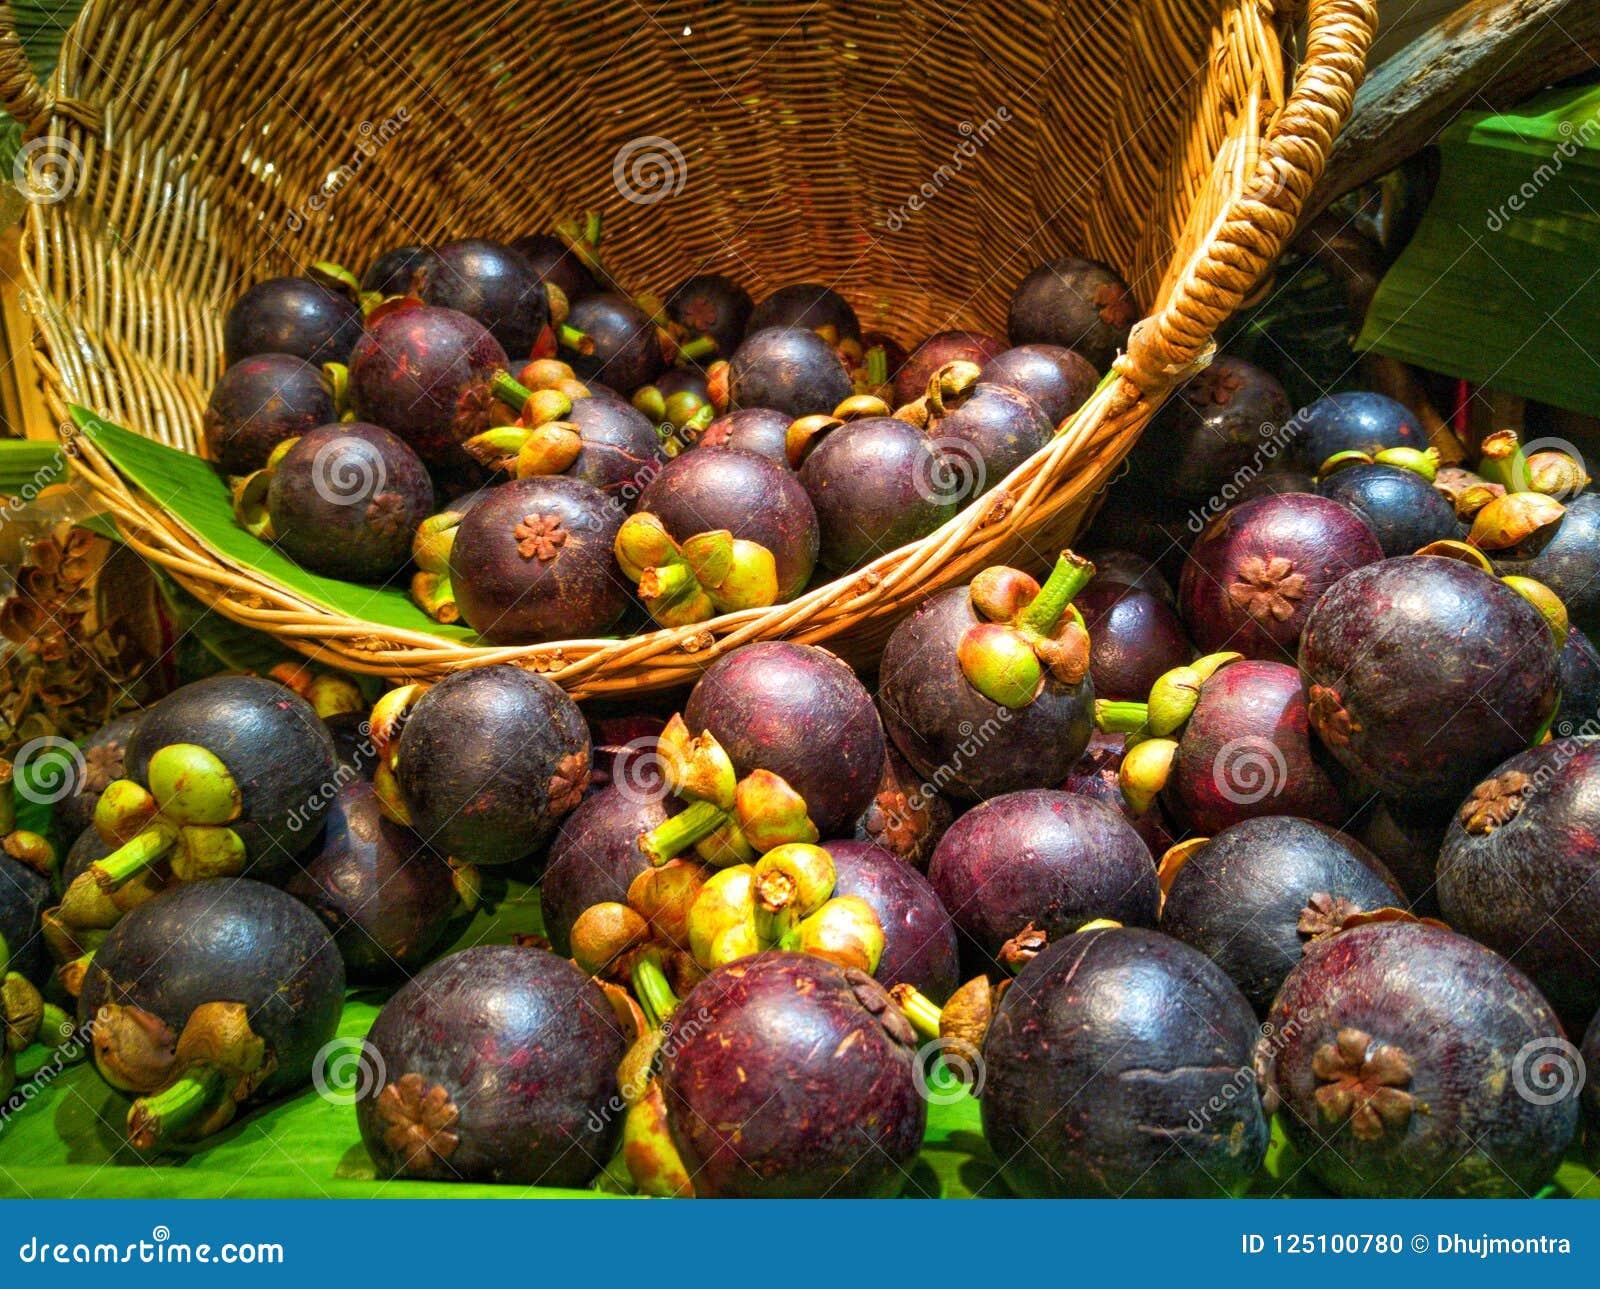 Mangoesteen królowej owoc